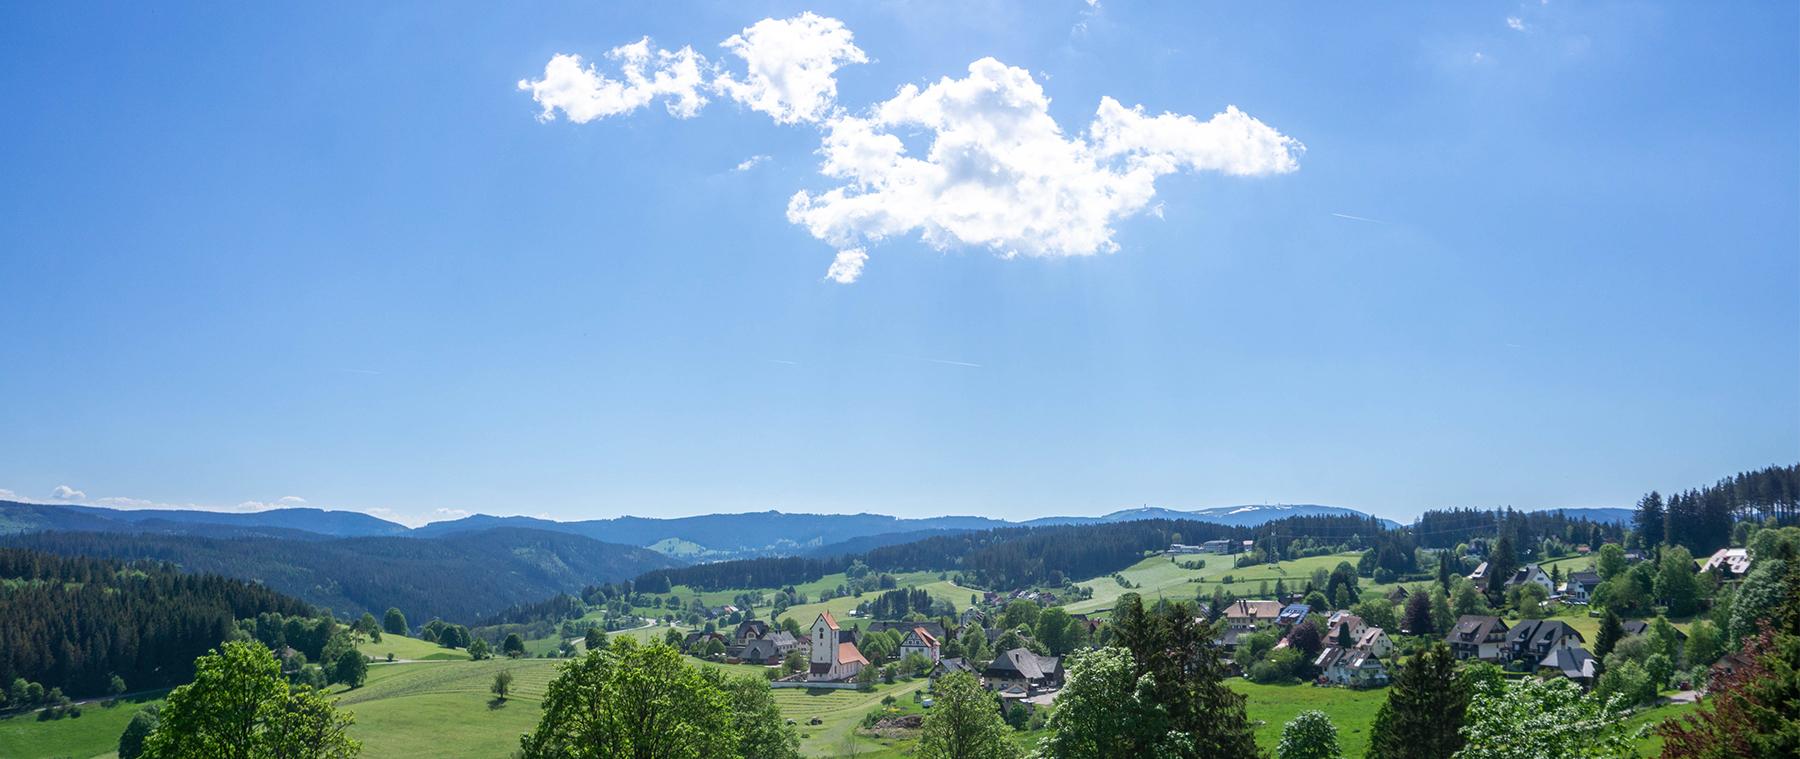 Reisetraum Schwarzwald - Blick auf Saig - Gemeinde Lenzkirch